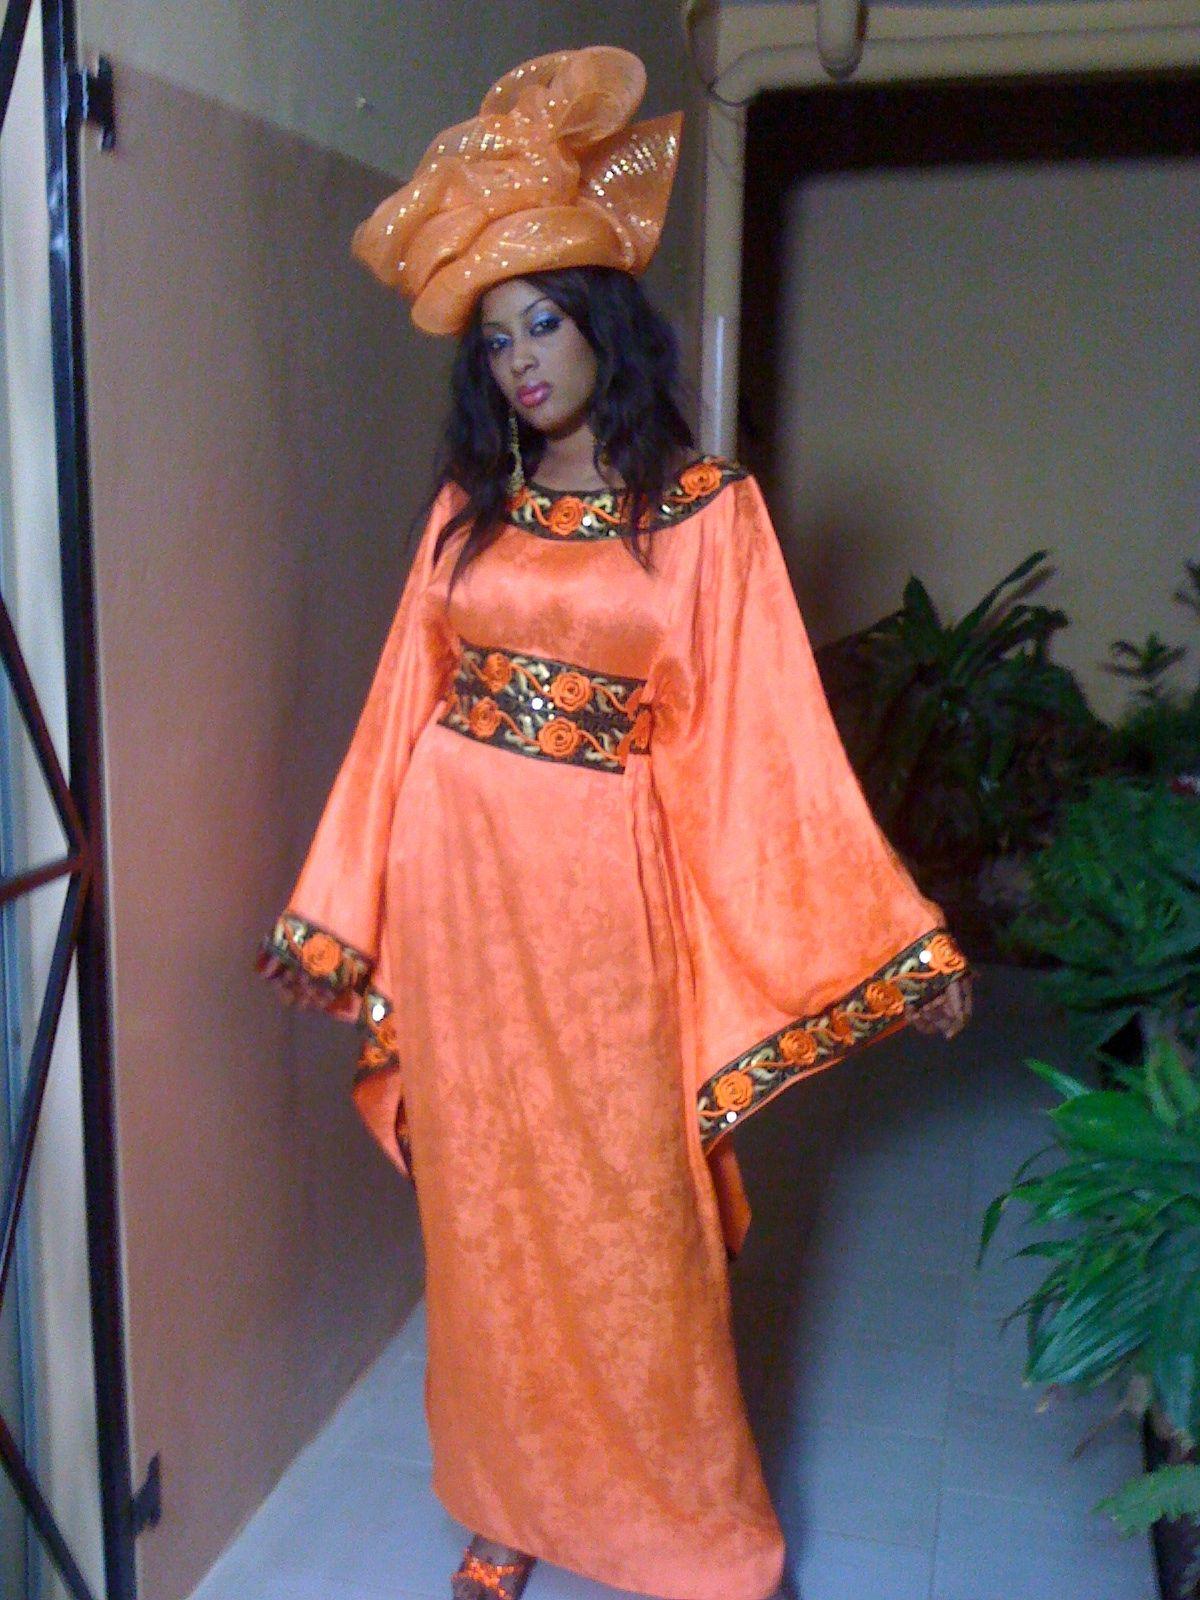 broderie senegalaise pour homme - Recherche Google   Modèles africains   African fashion dresses ...